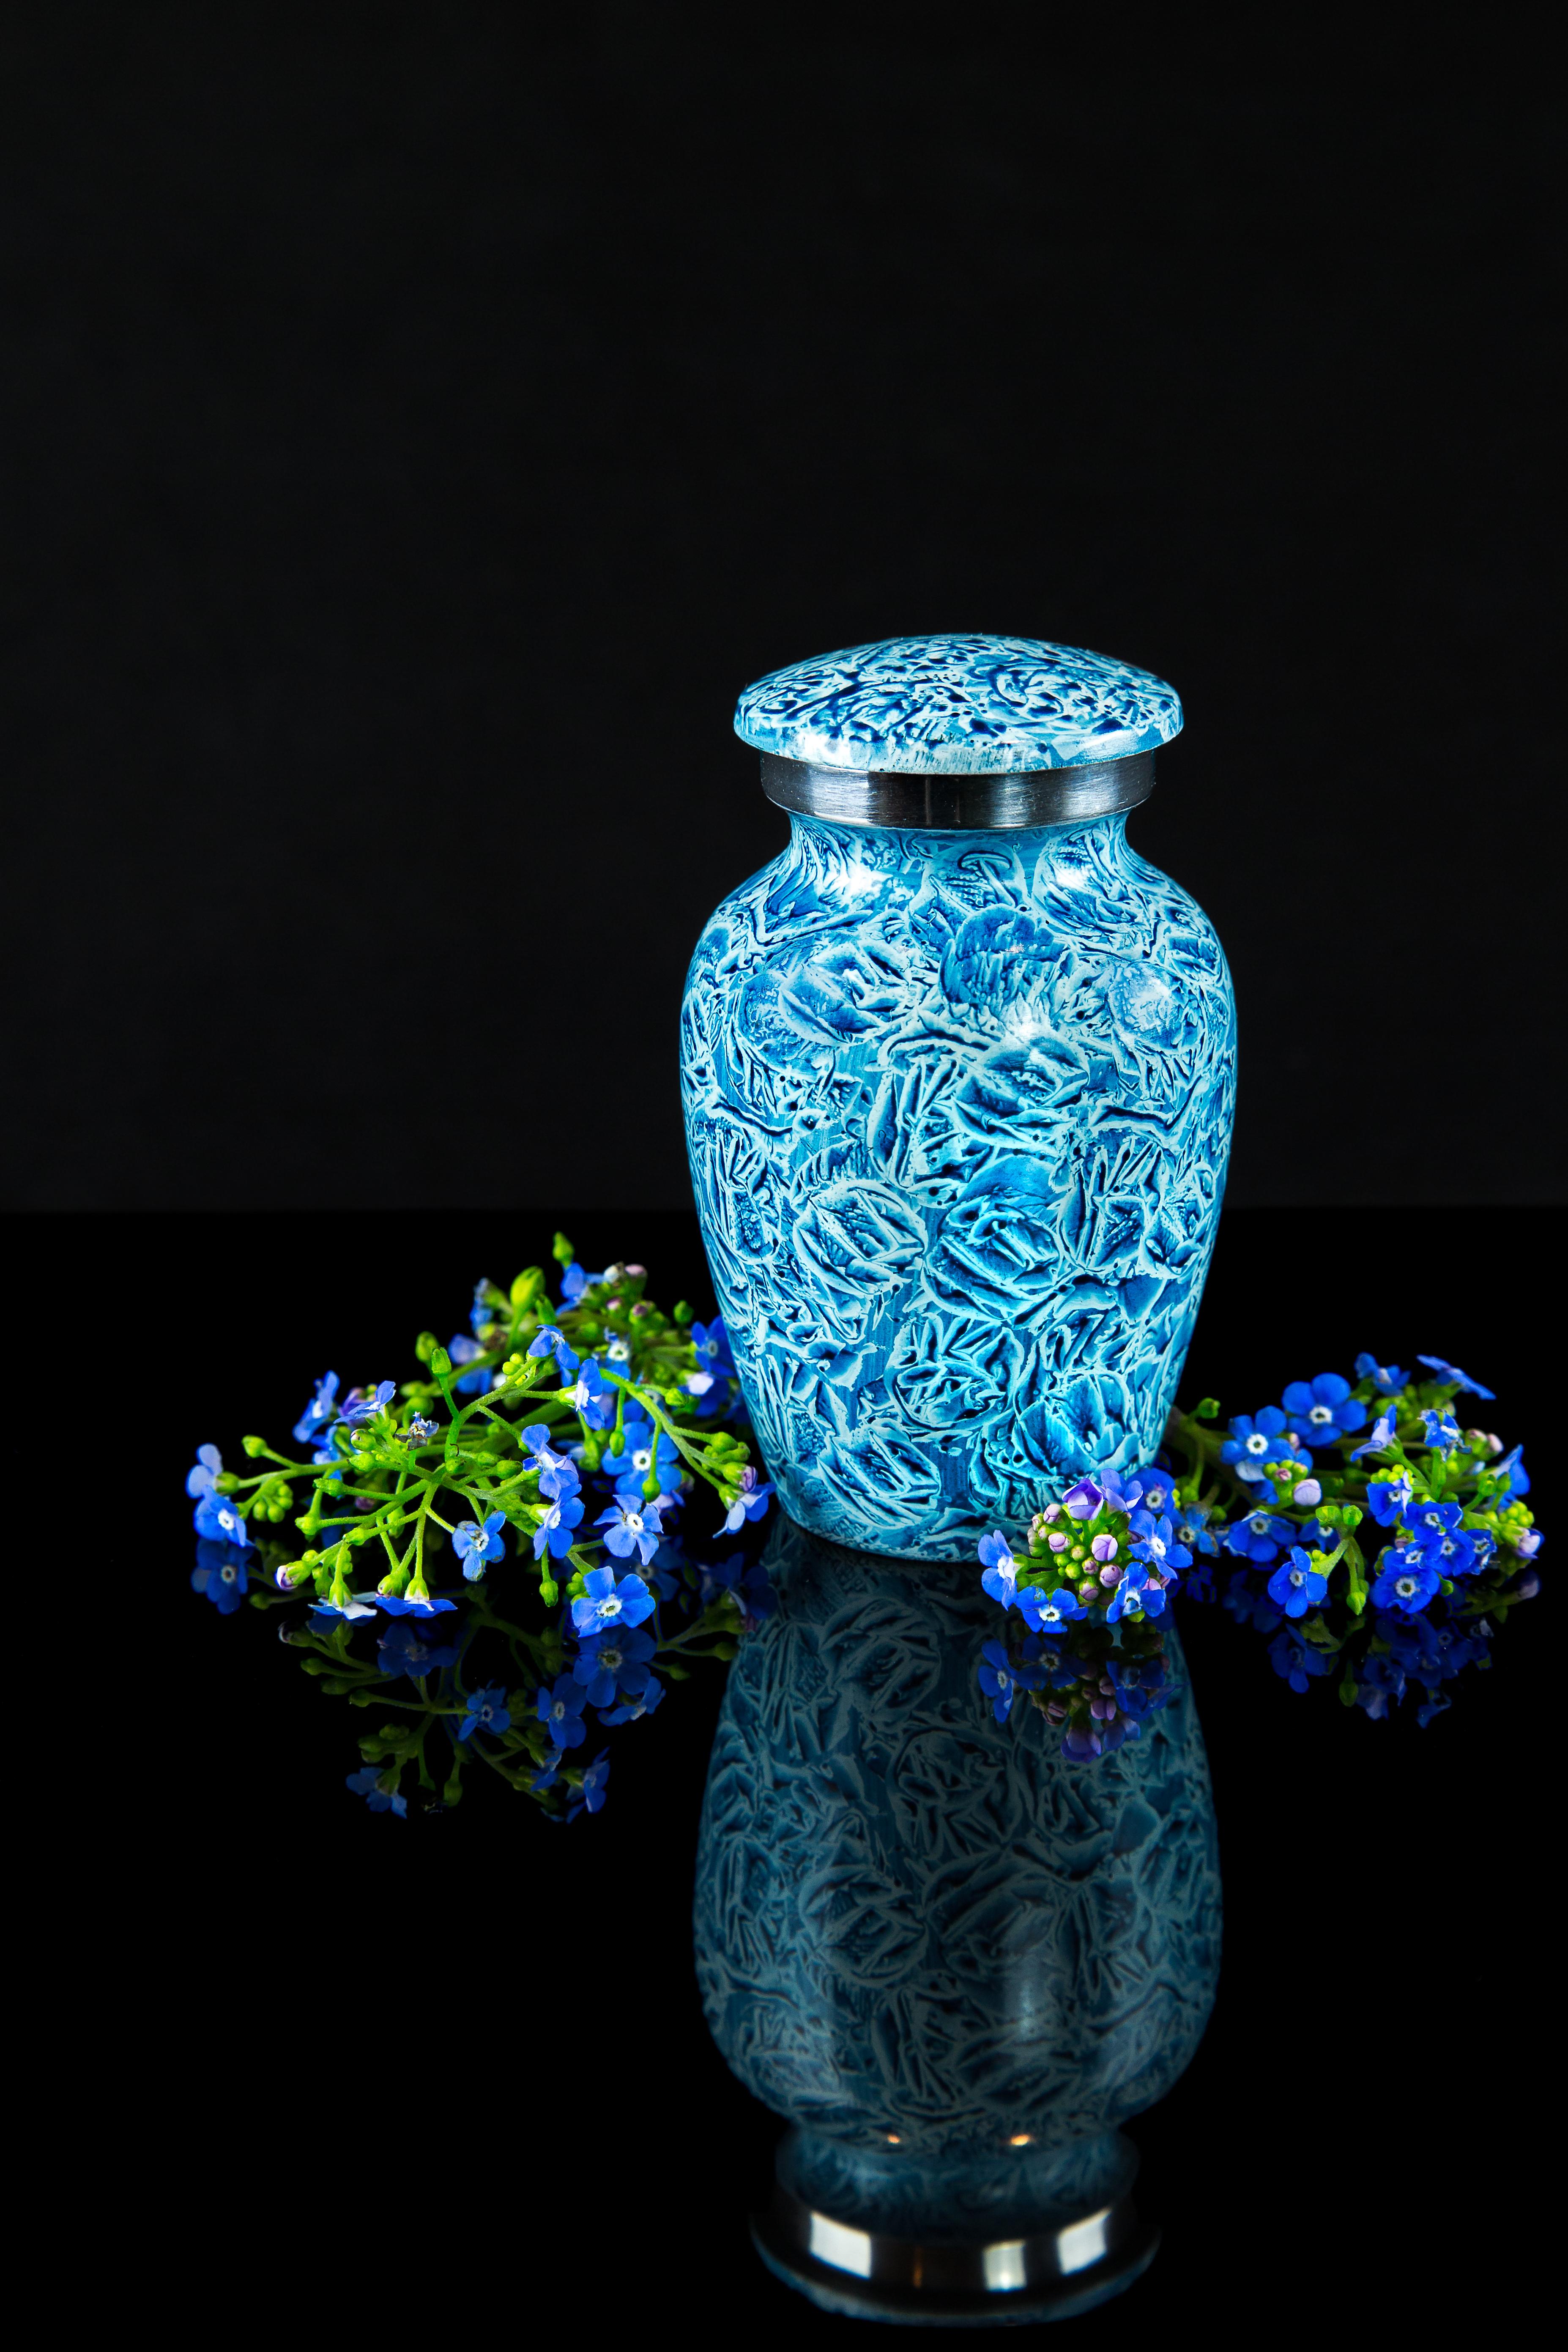 vase catalog podvesnyye cosmorelax crystal podvesnoy flower svetilnik